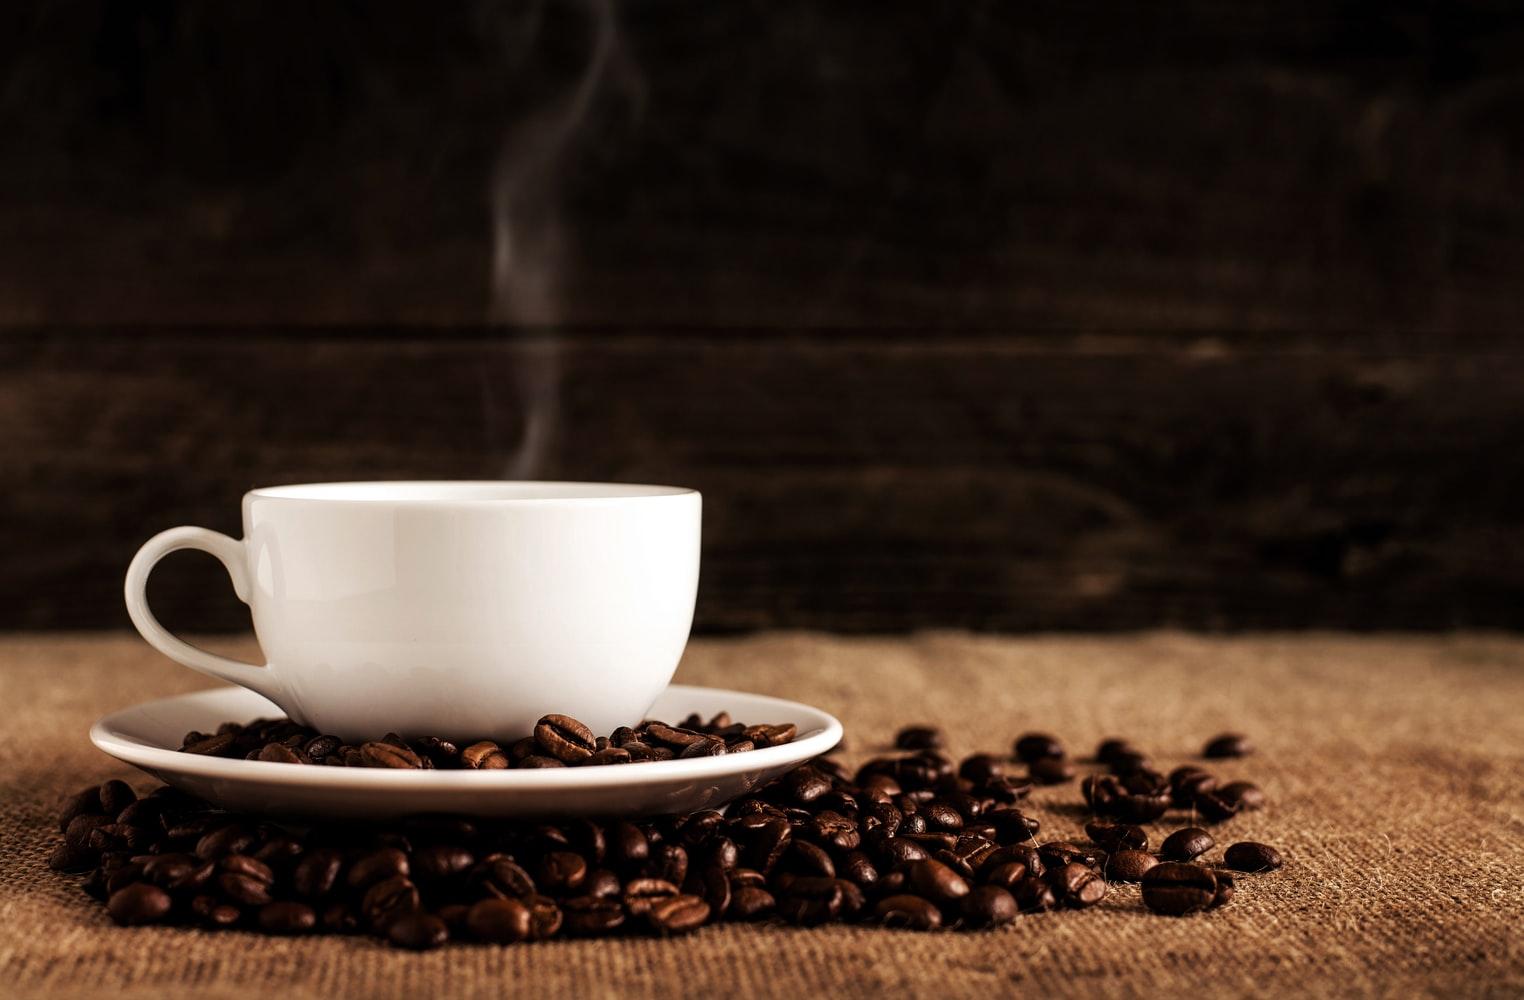 melhores-cafes-do-mundo